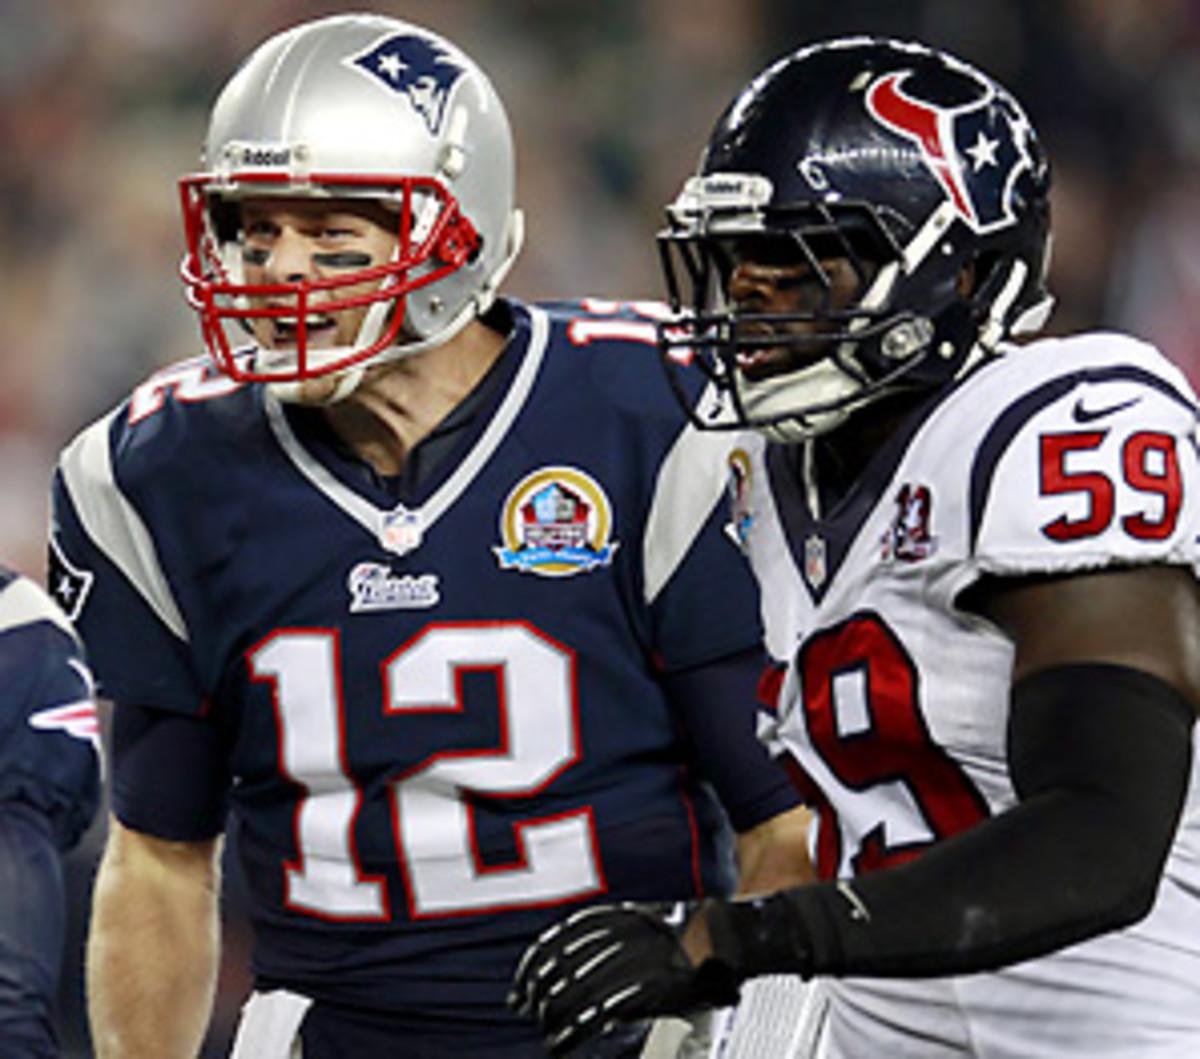 Tom Brady threw four touchdown passes against the Texans in their last meeting. (Steven Senne/AP)